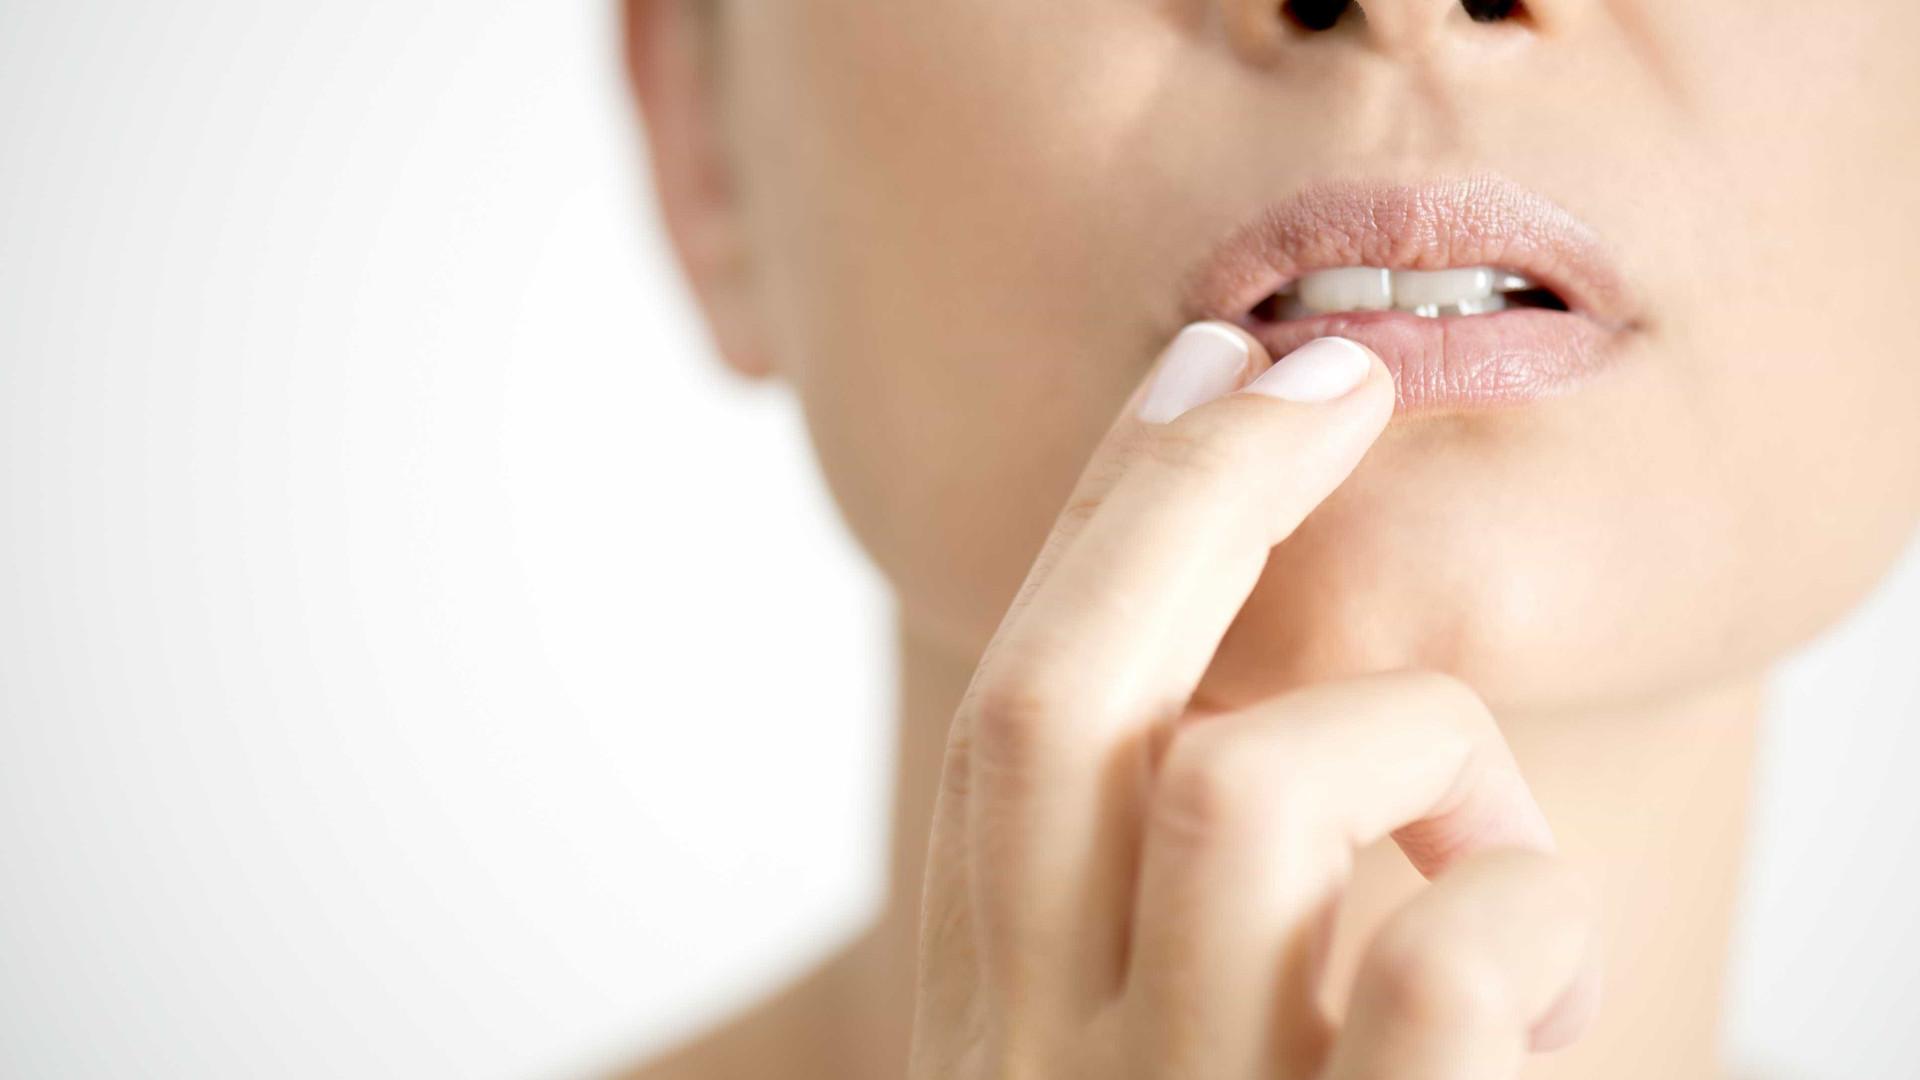 7 fatos sobre herpes que você deve conhecer